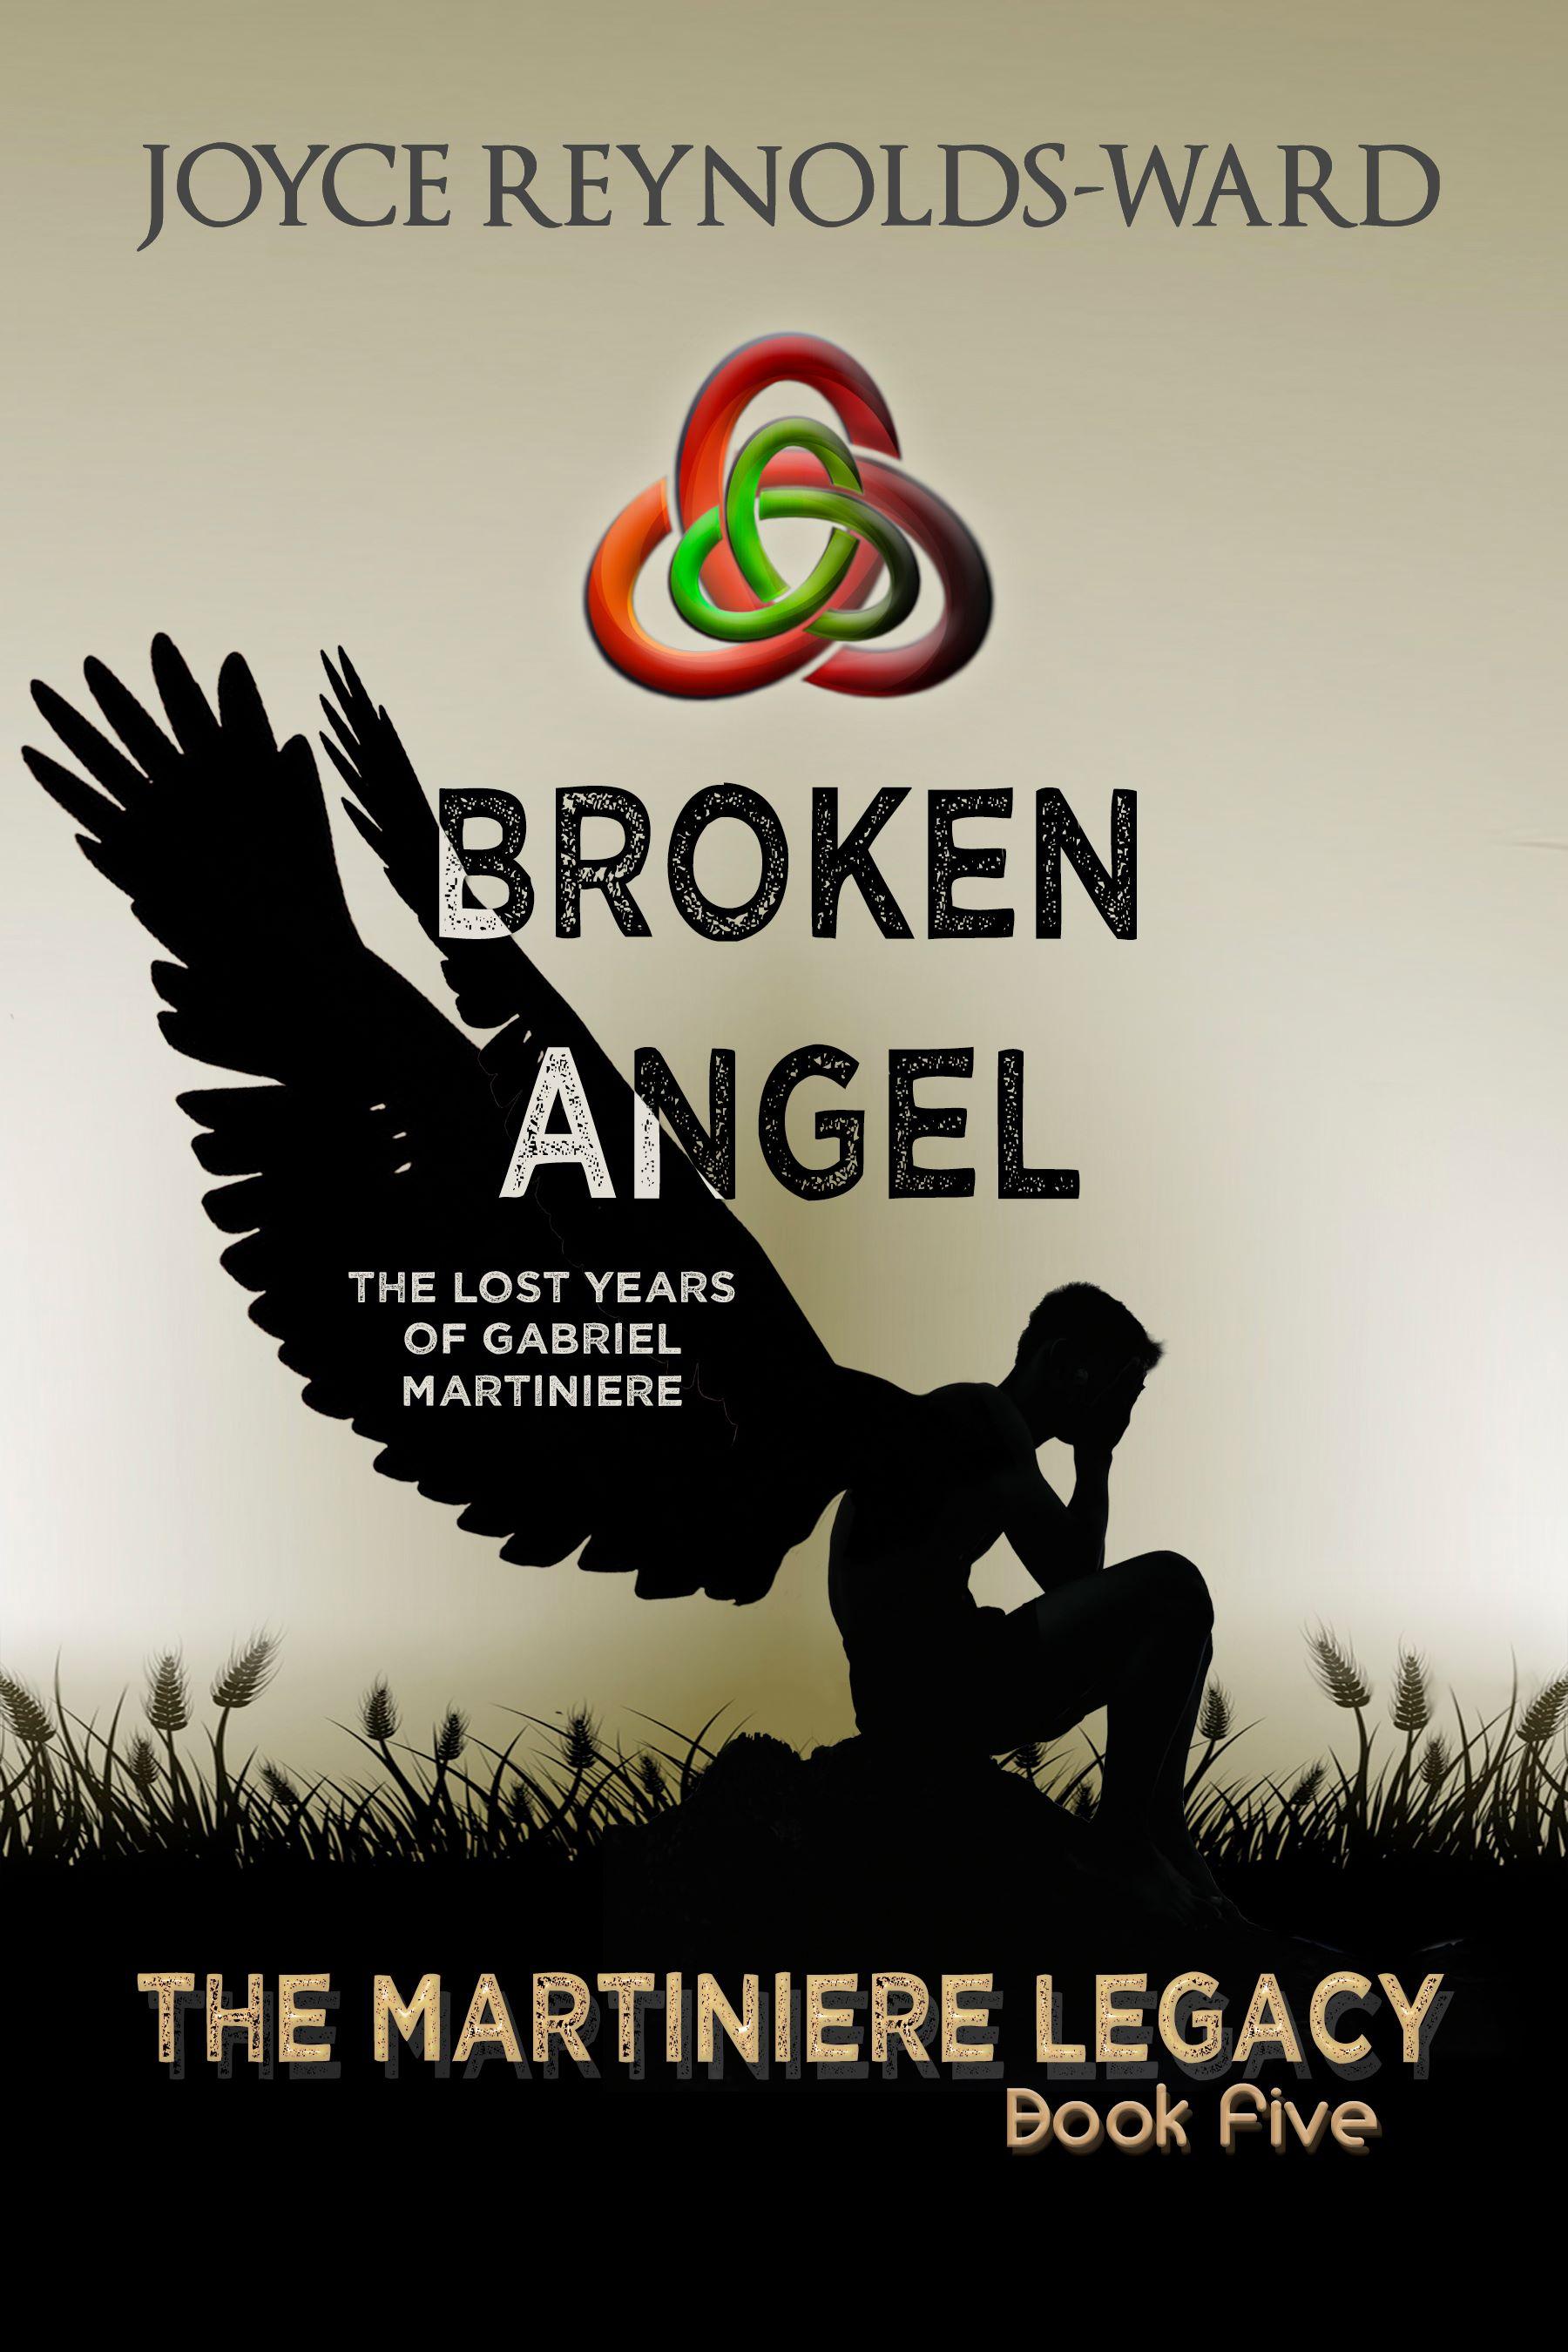 New broken angel front cover